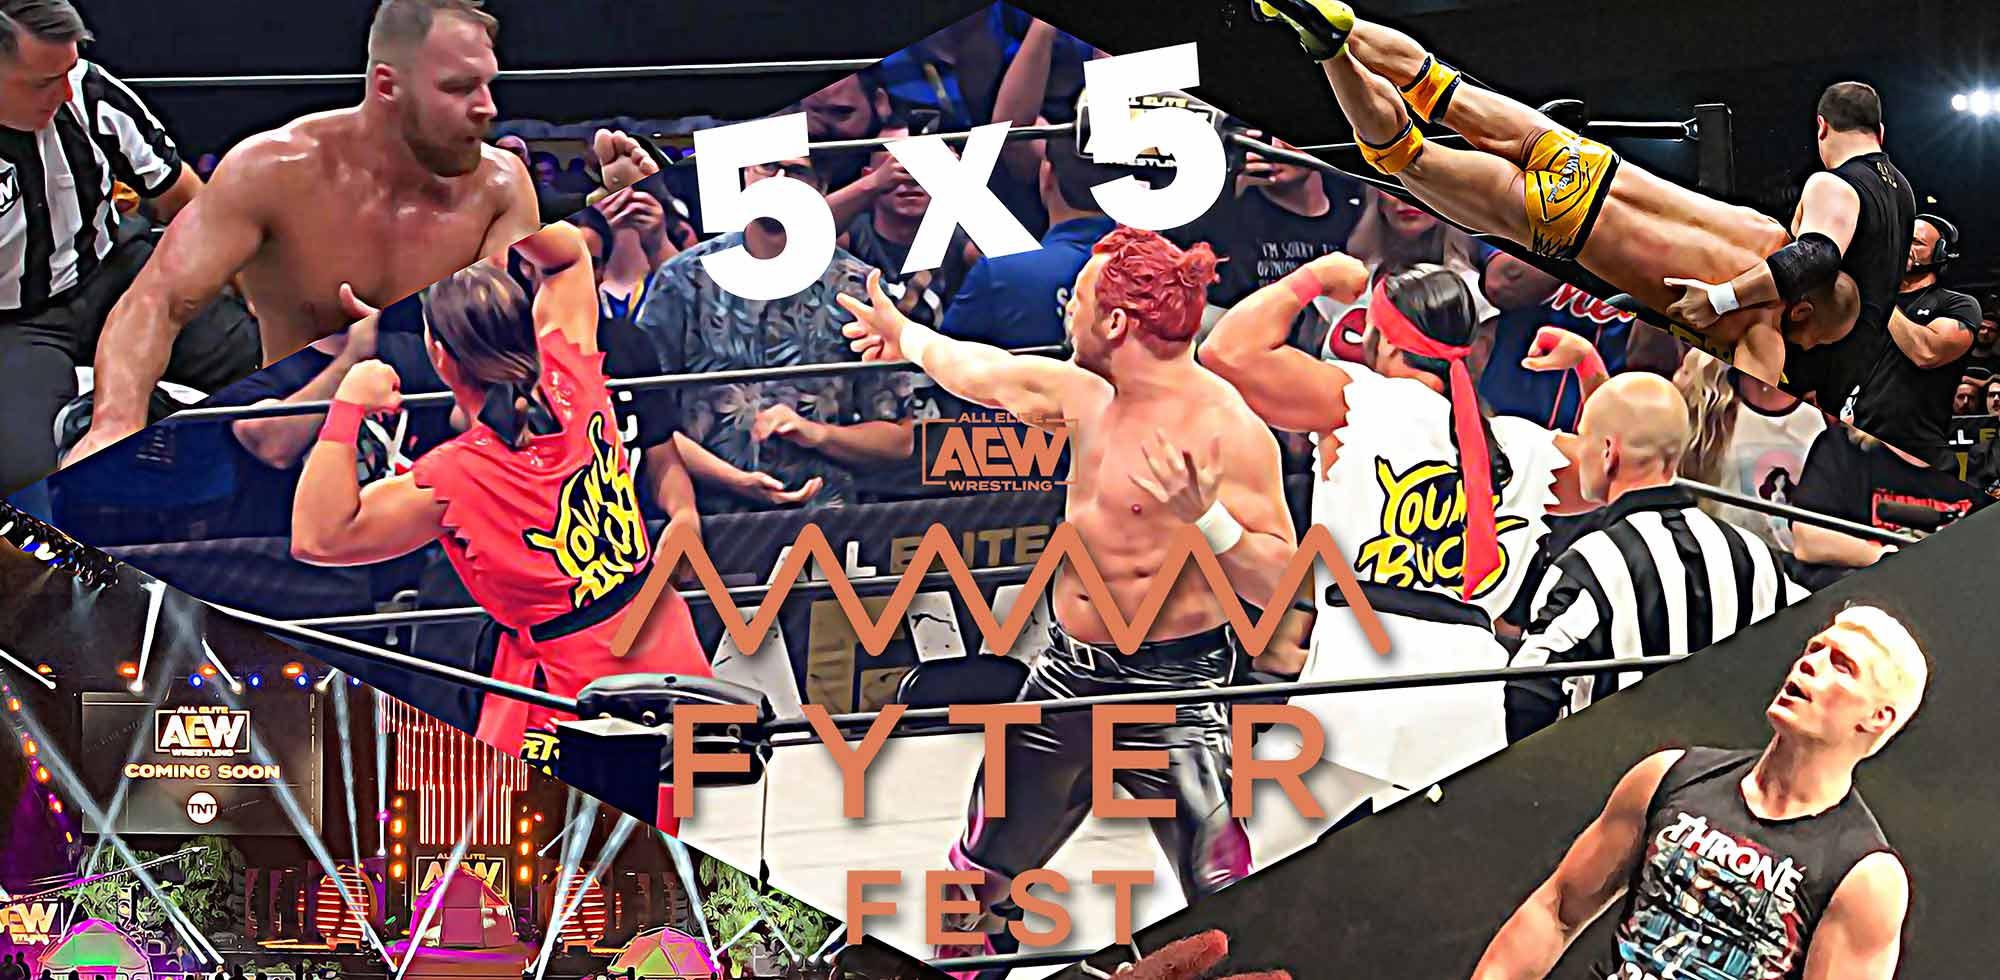 5x5 Fyter Fest